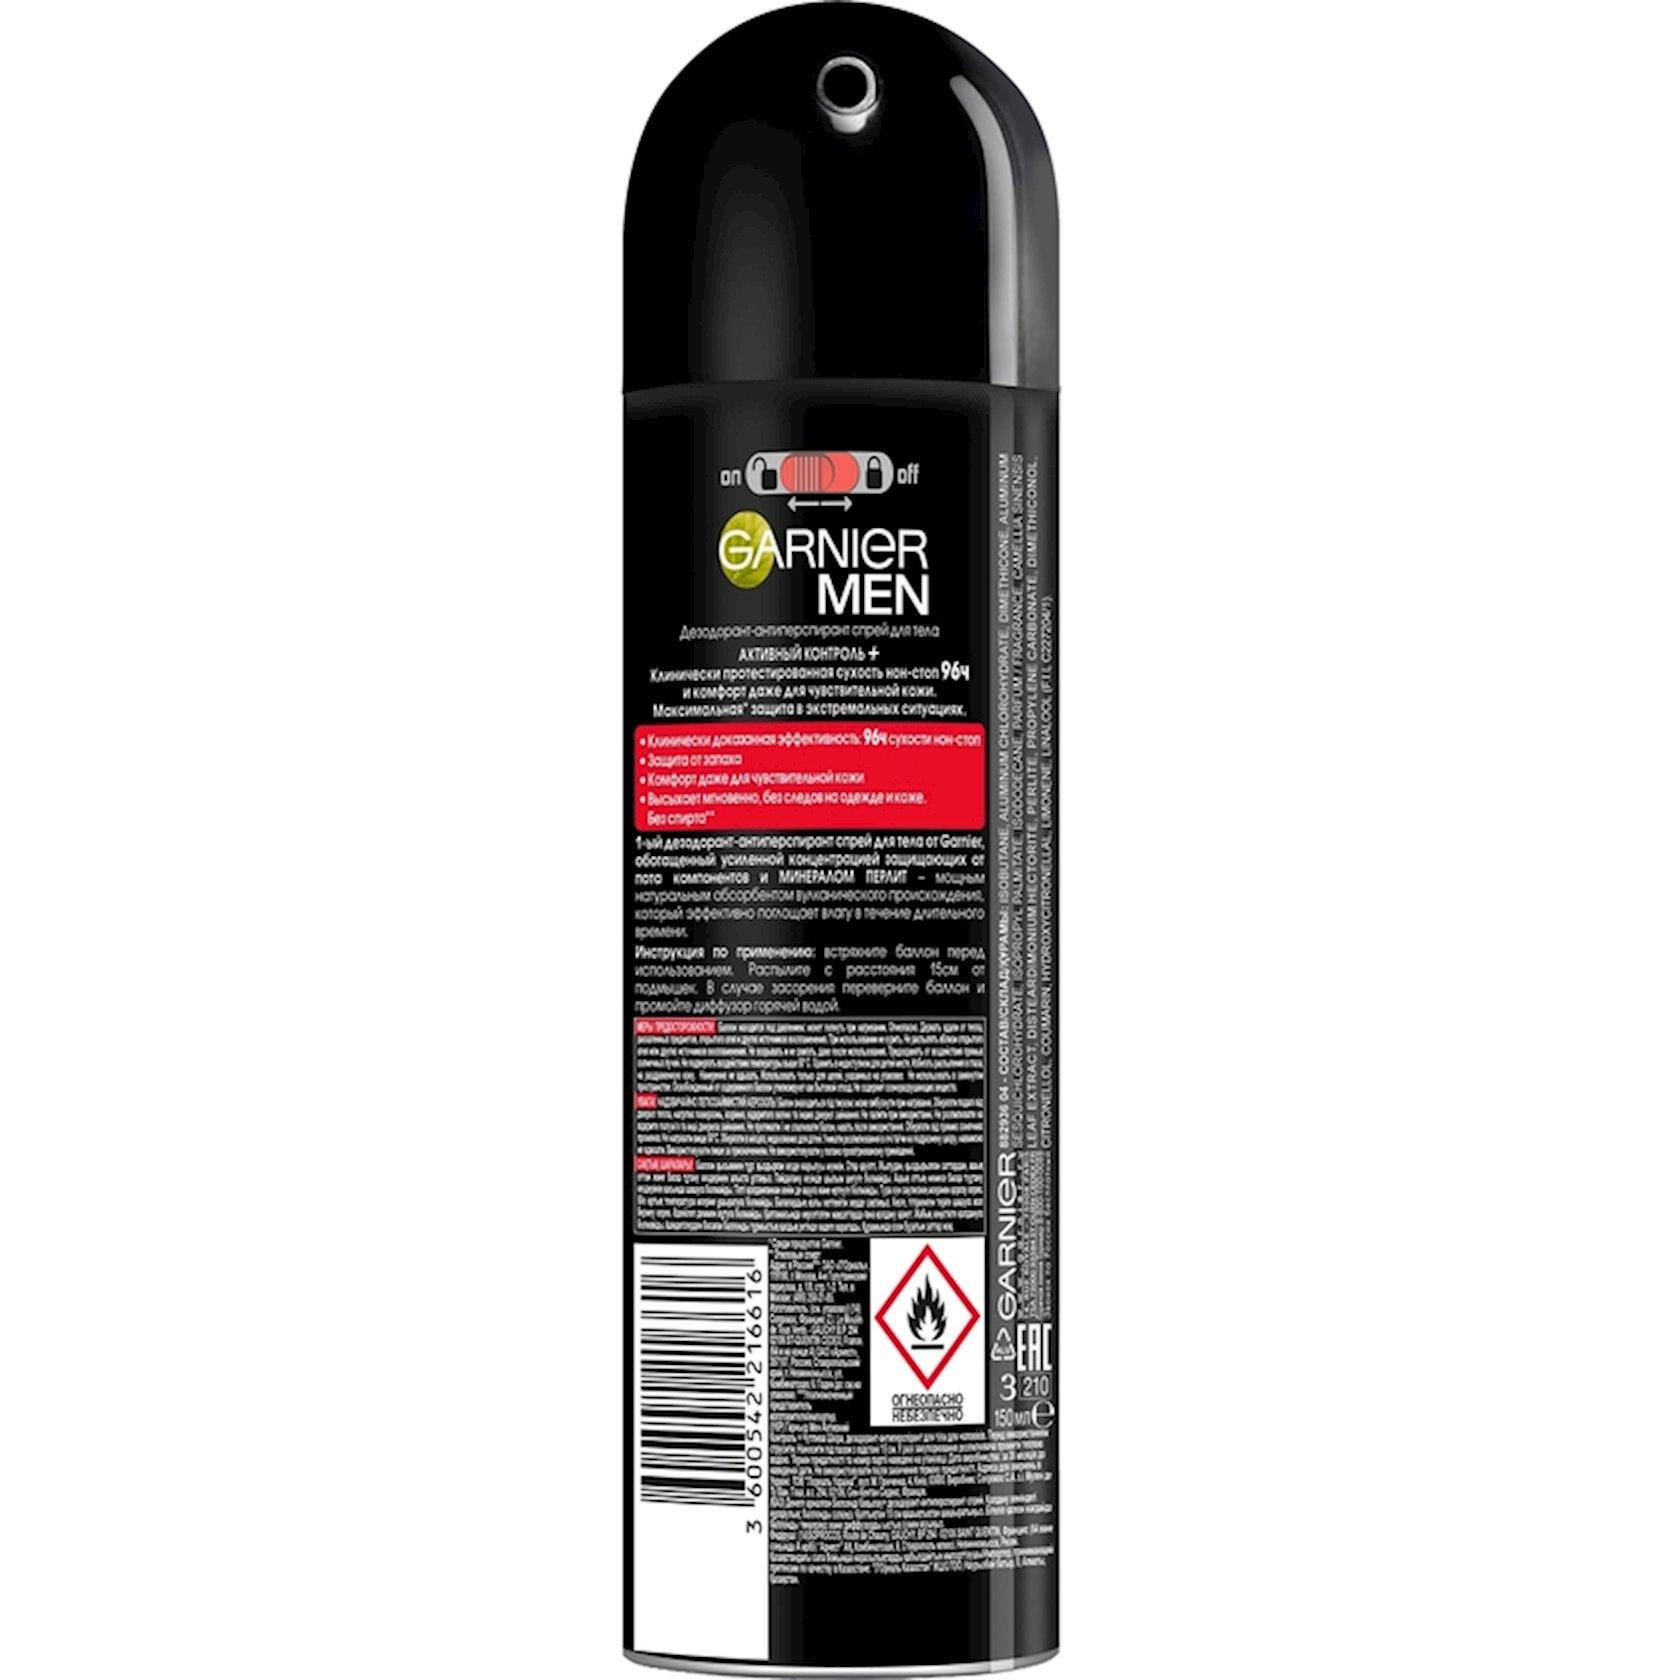 Dezodorant-sprey Garnier Men Expert, aktiv kontrol, 96 saat müdafiə, kişilər üçün, 150 ml